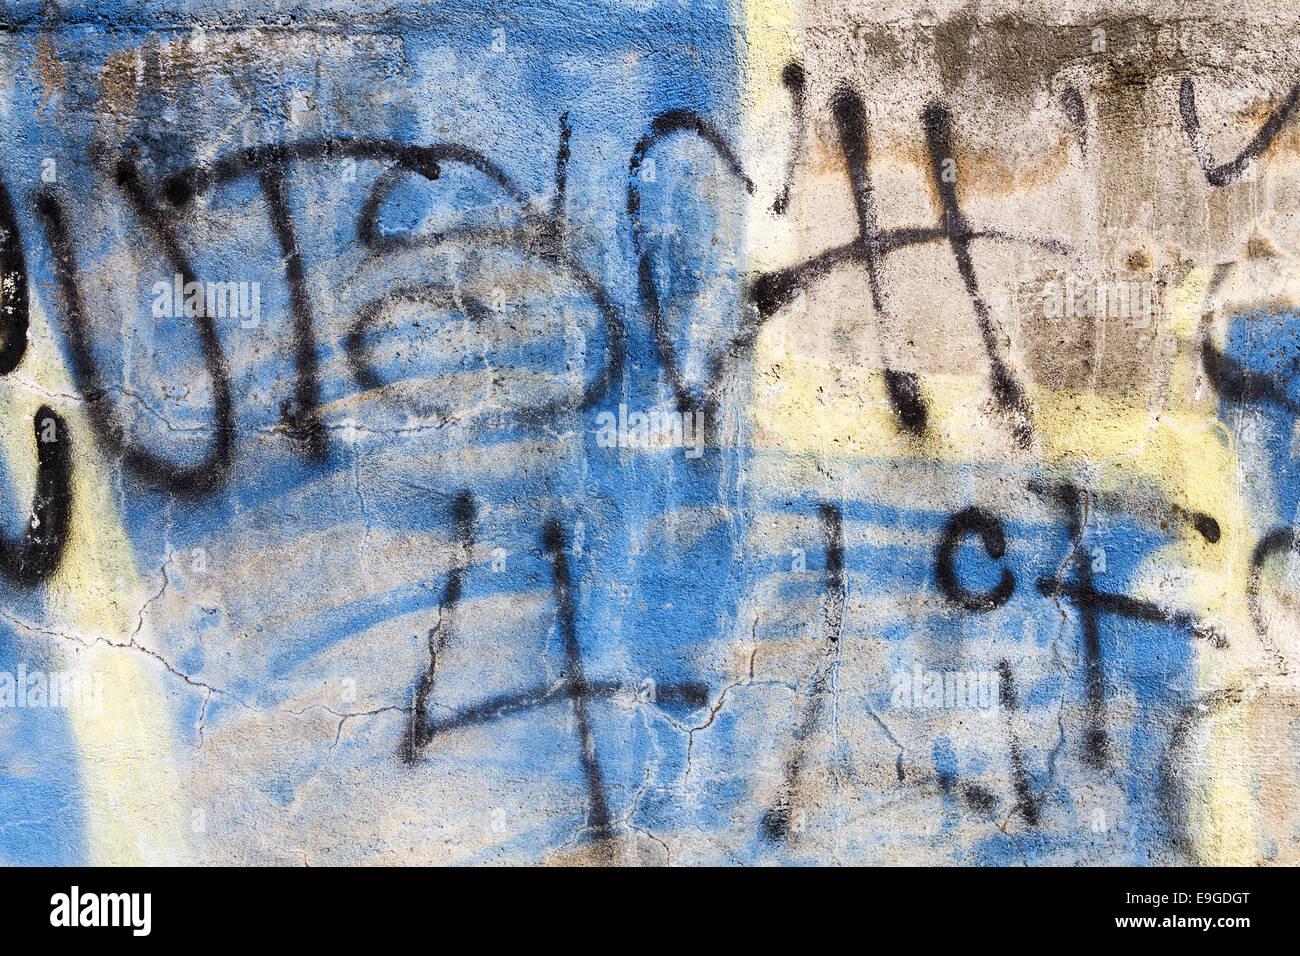 graffitti, Stock Photo